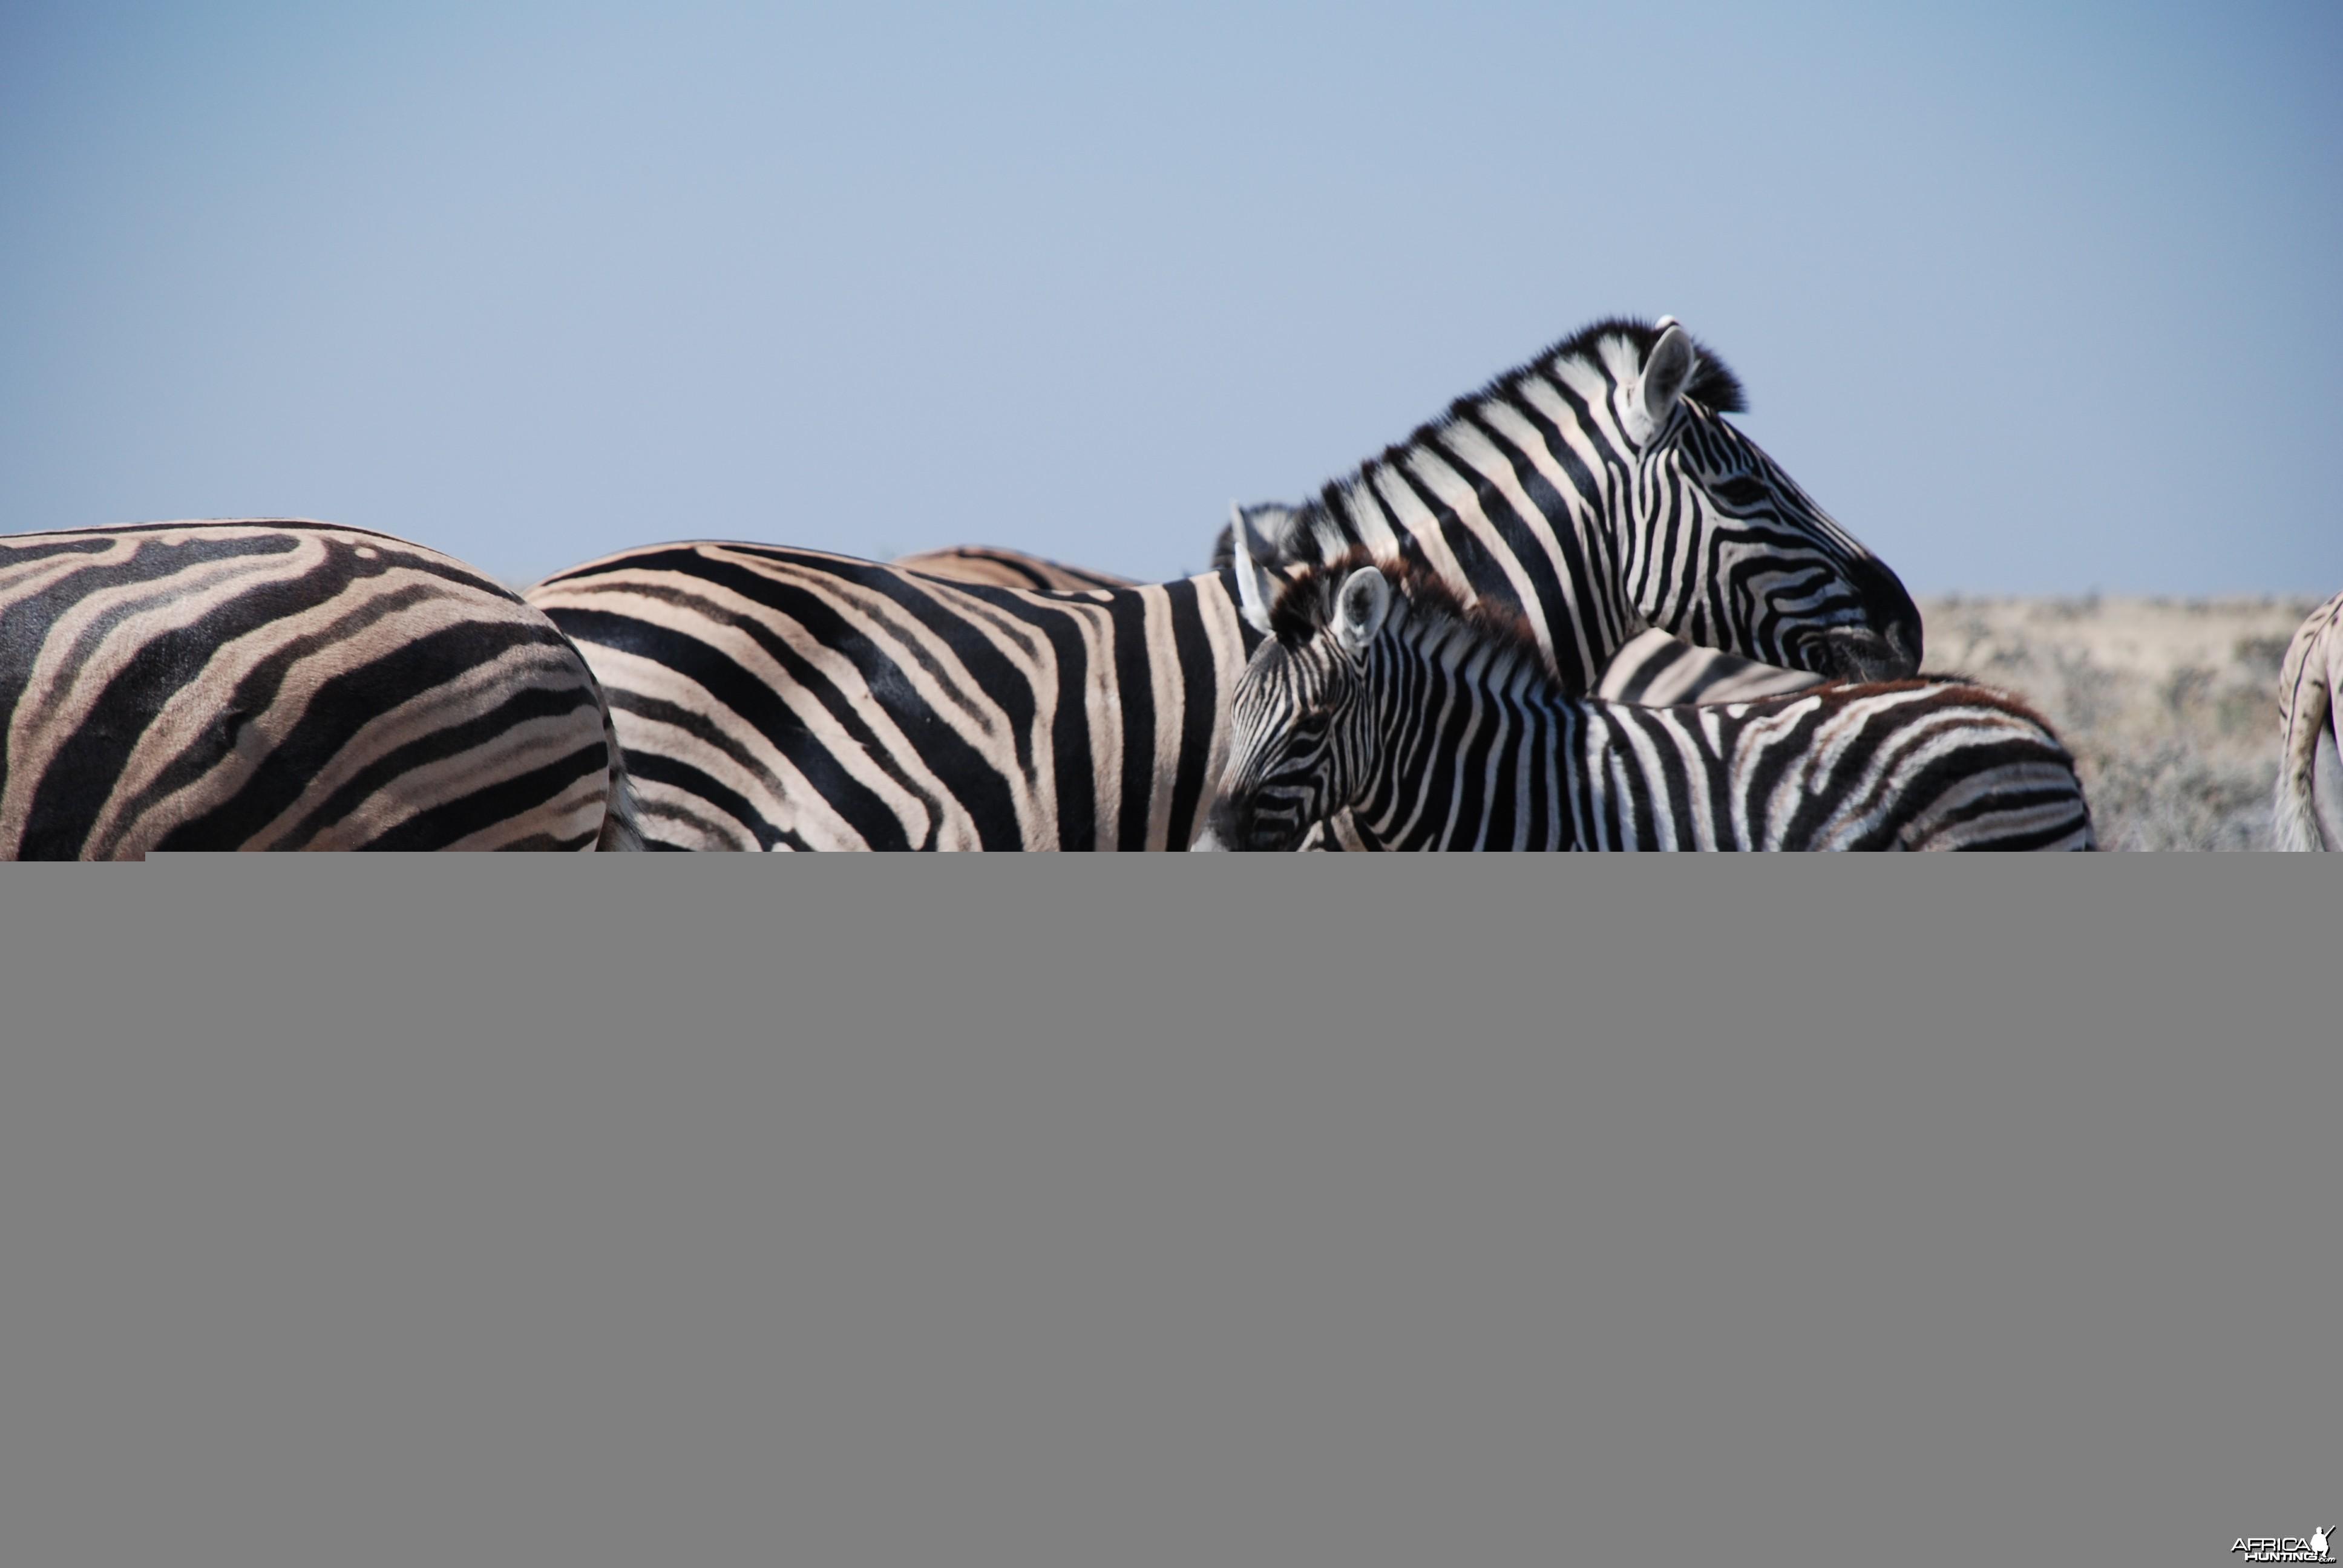 Zebras at Etosha